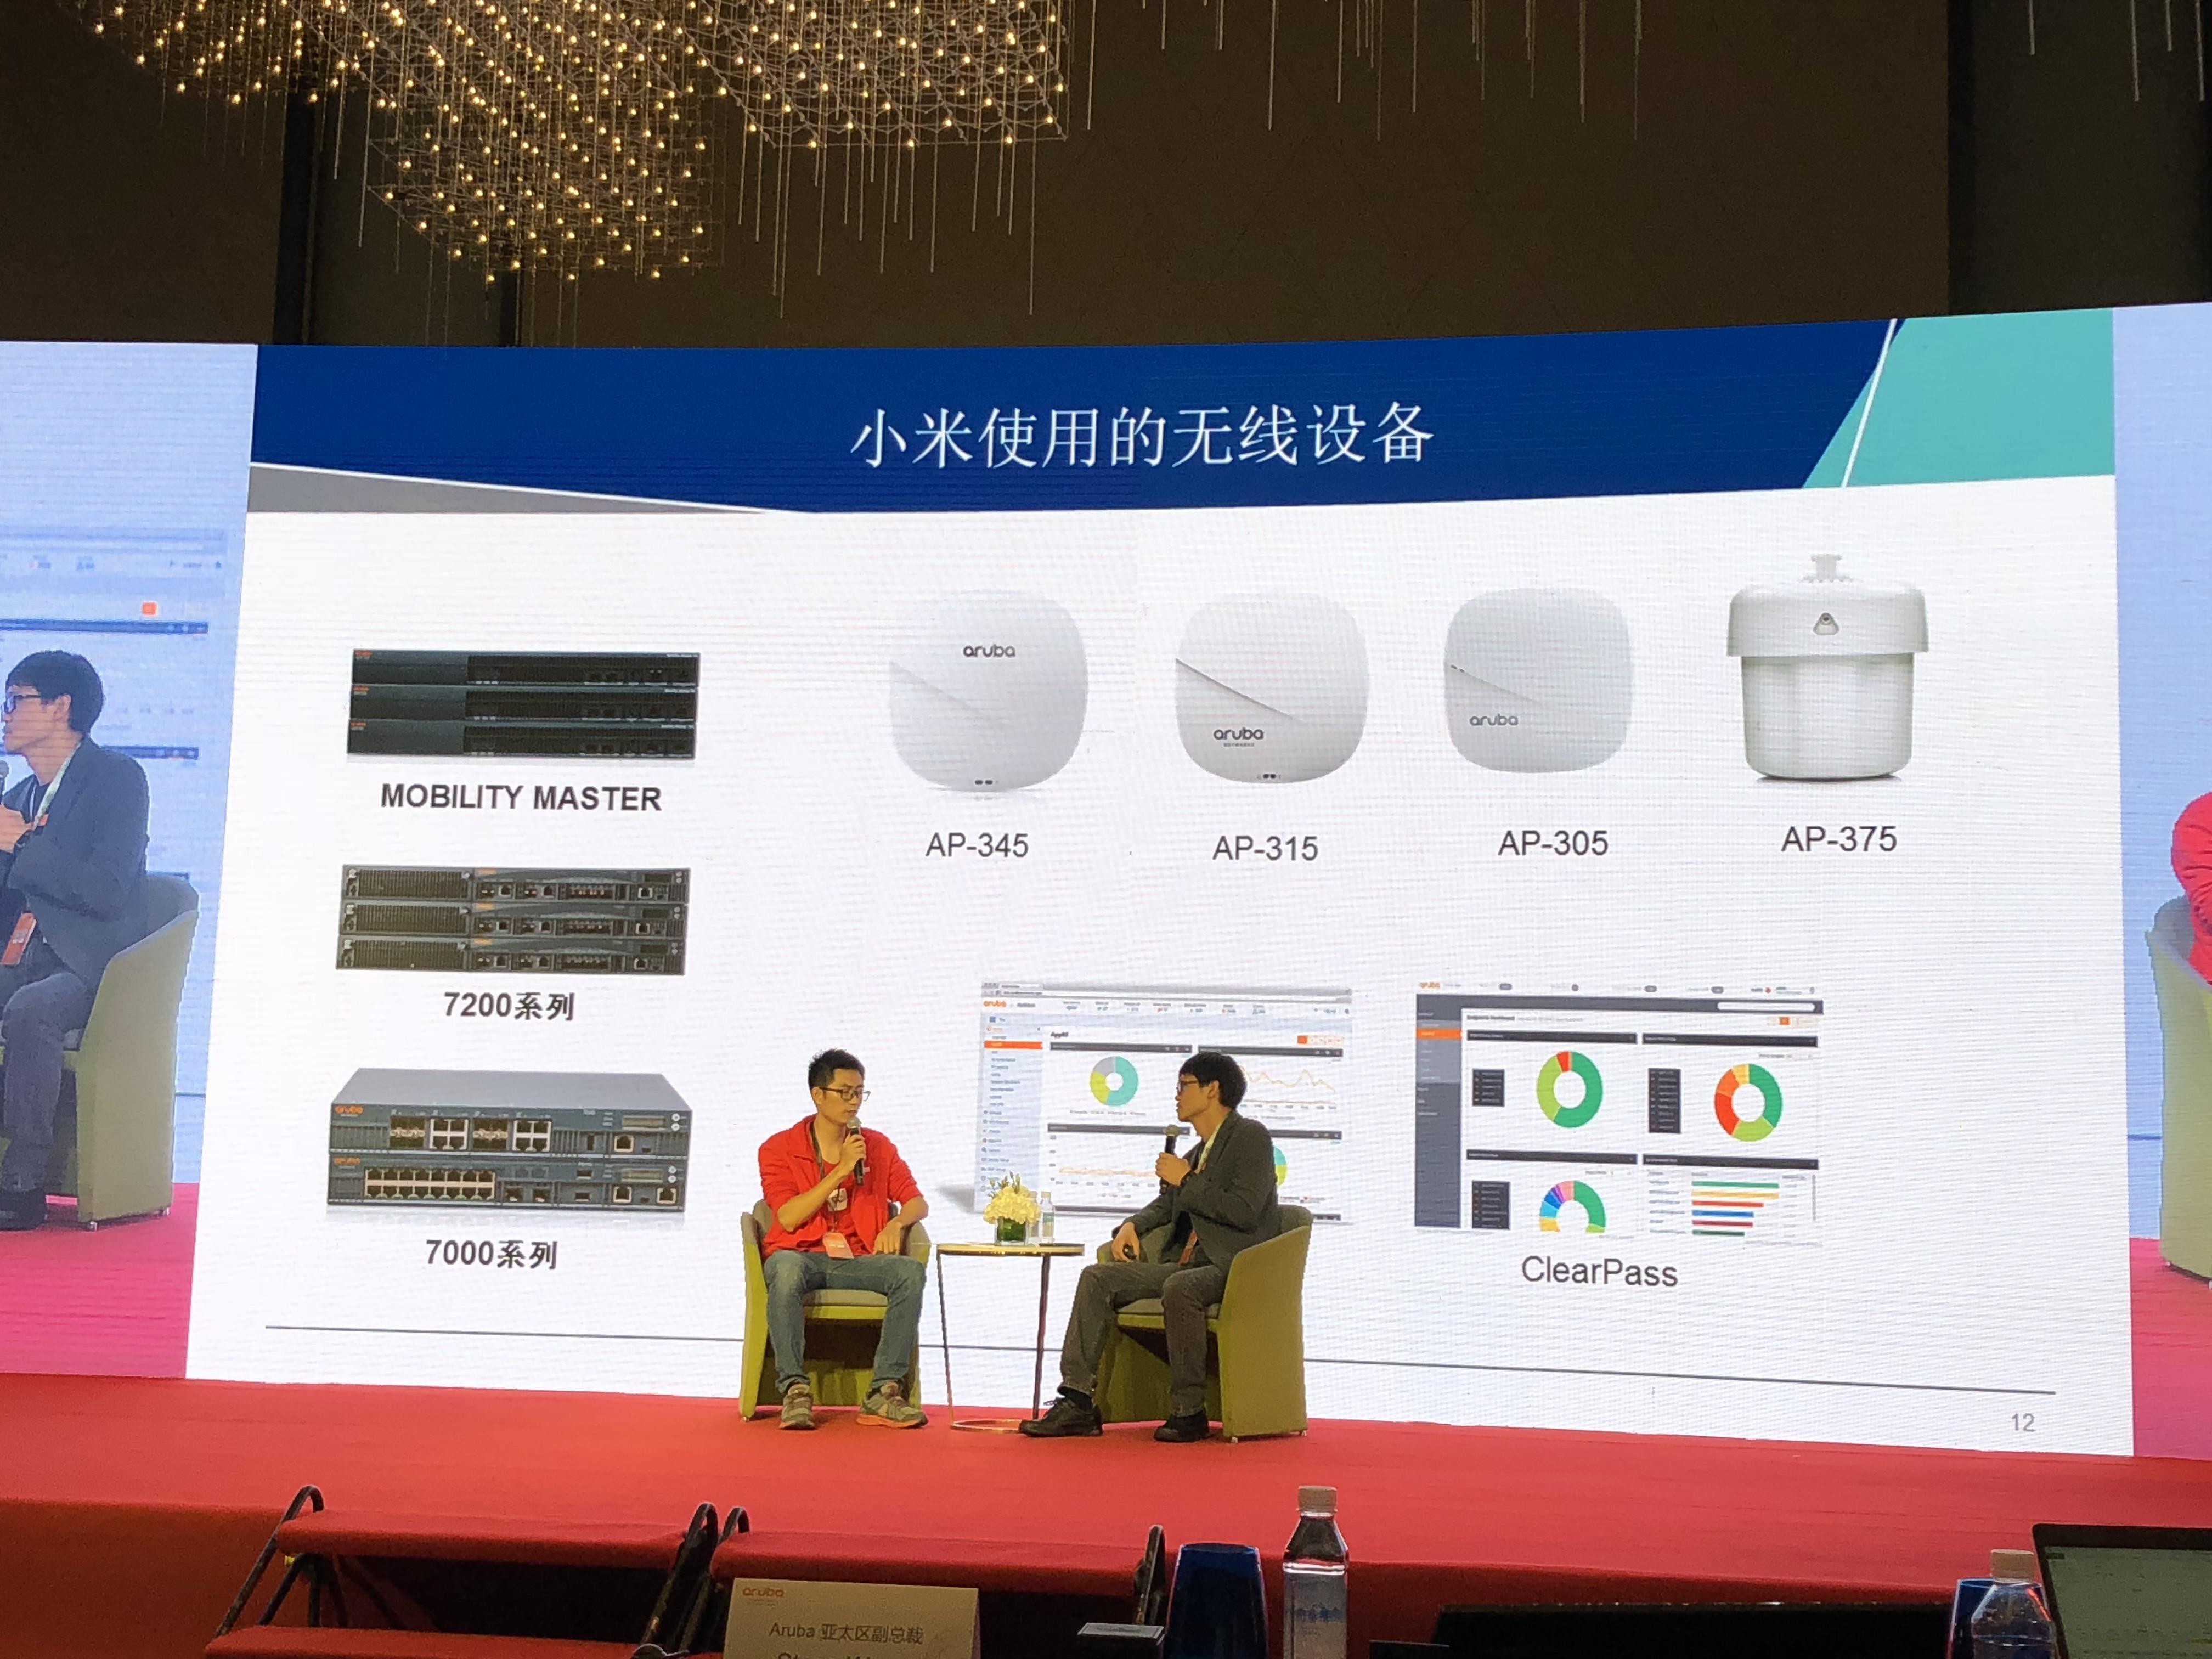 小米科技园,打造Wi-Fi + IoT智慧统一平台